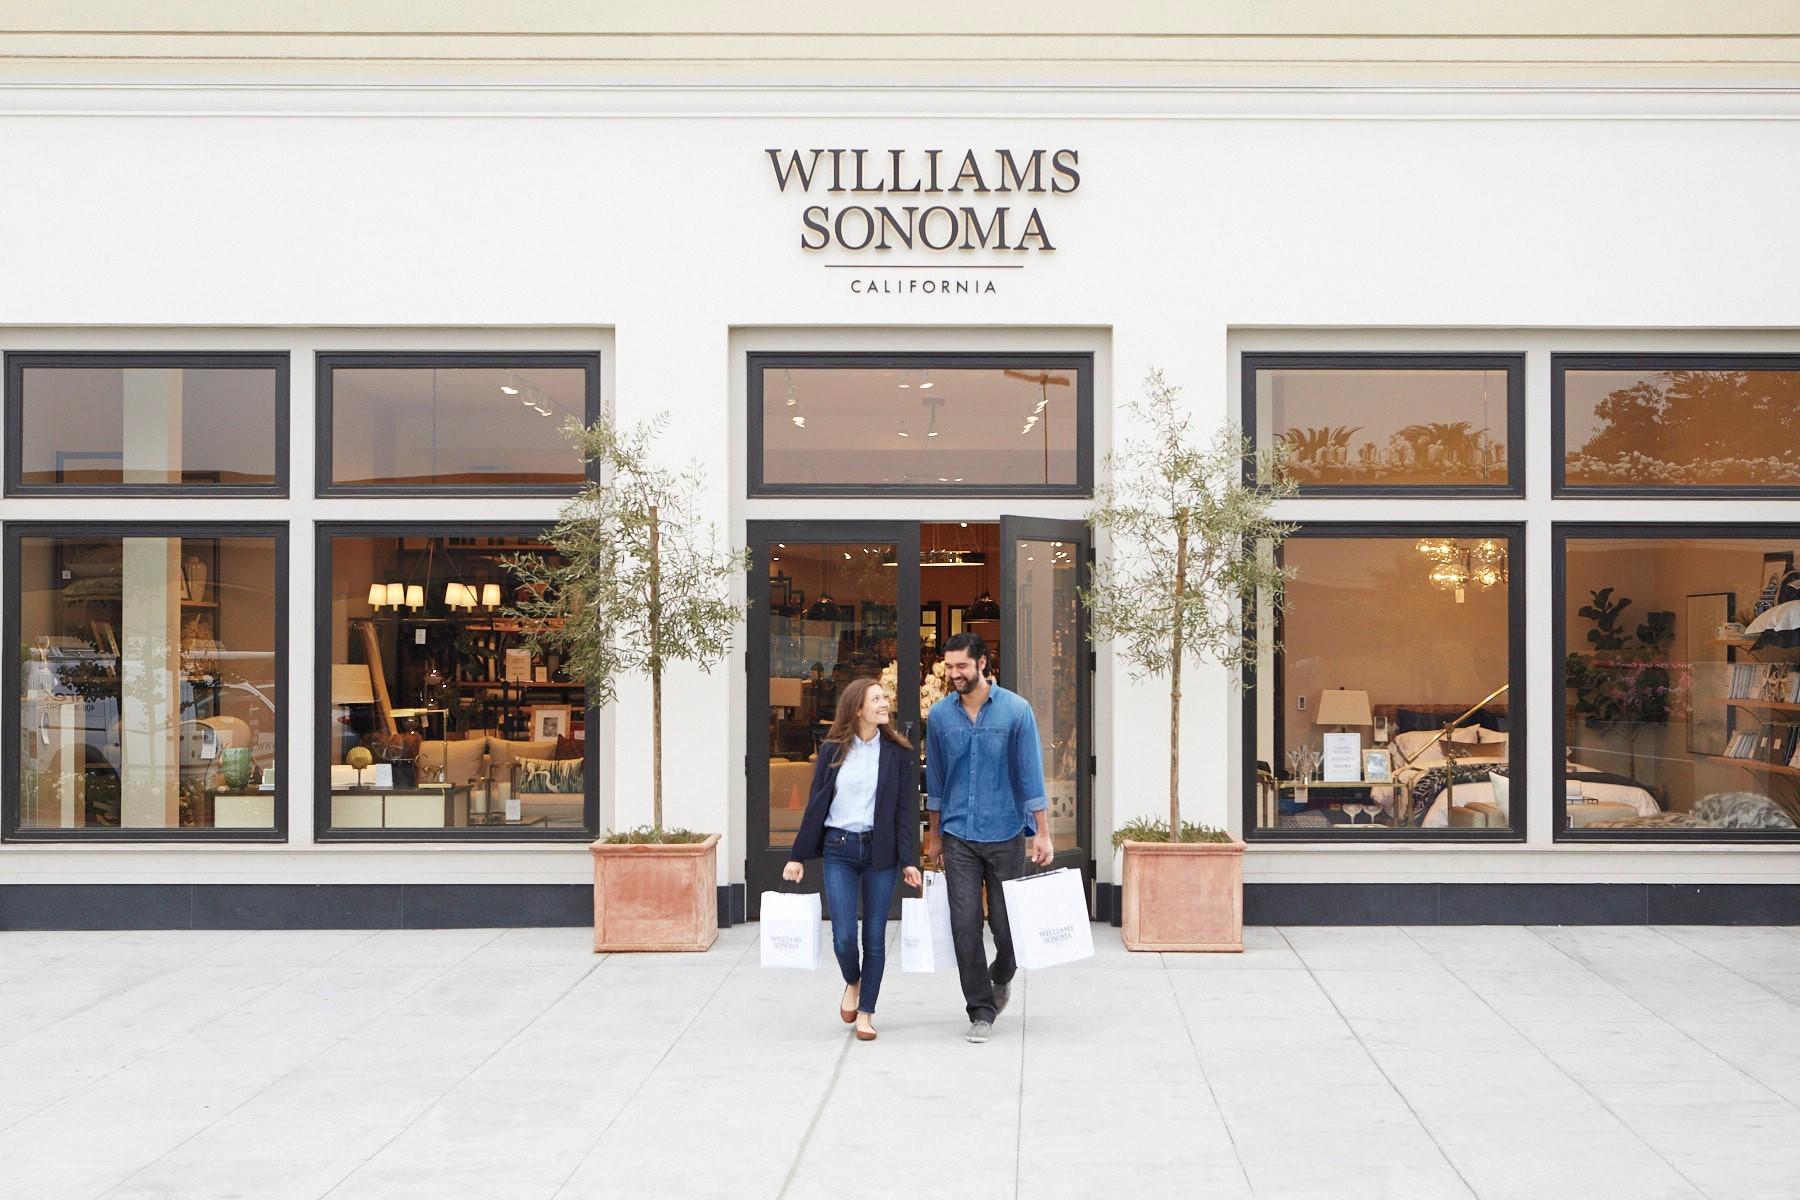 companies hiring 2018 seasonal workers – Williams Sonoma hiring seasonal workers